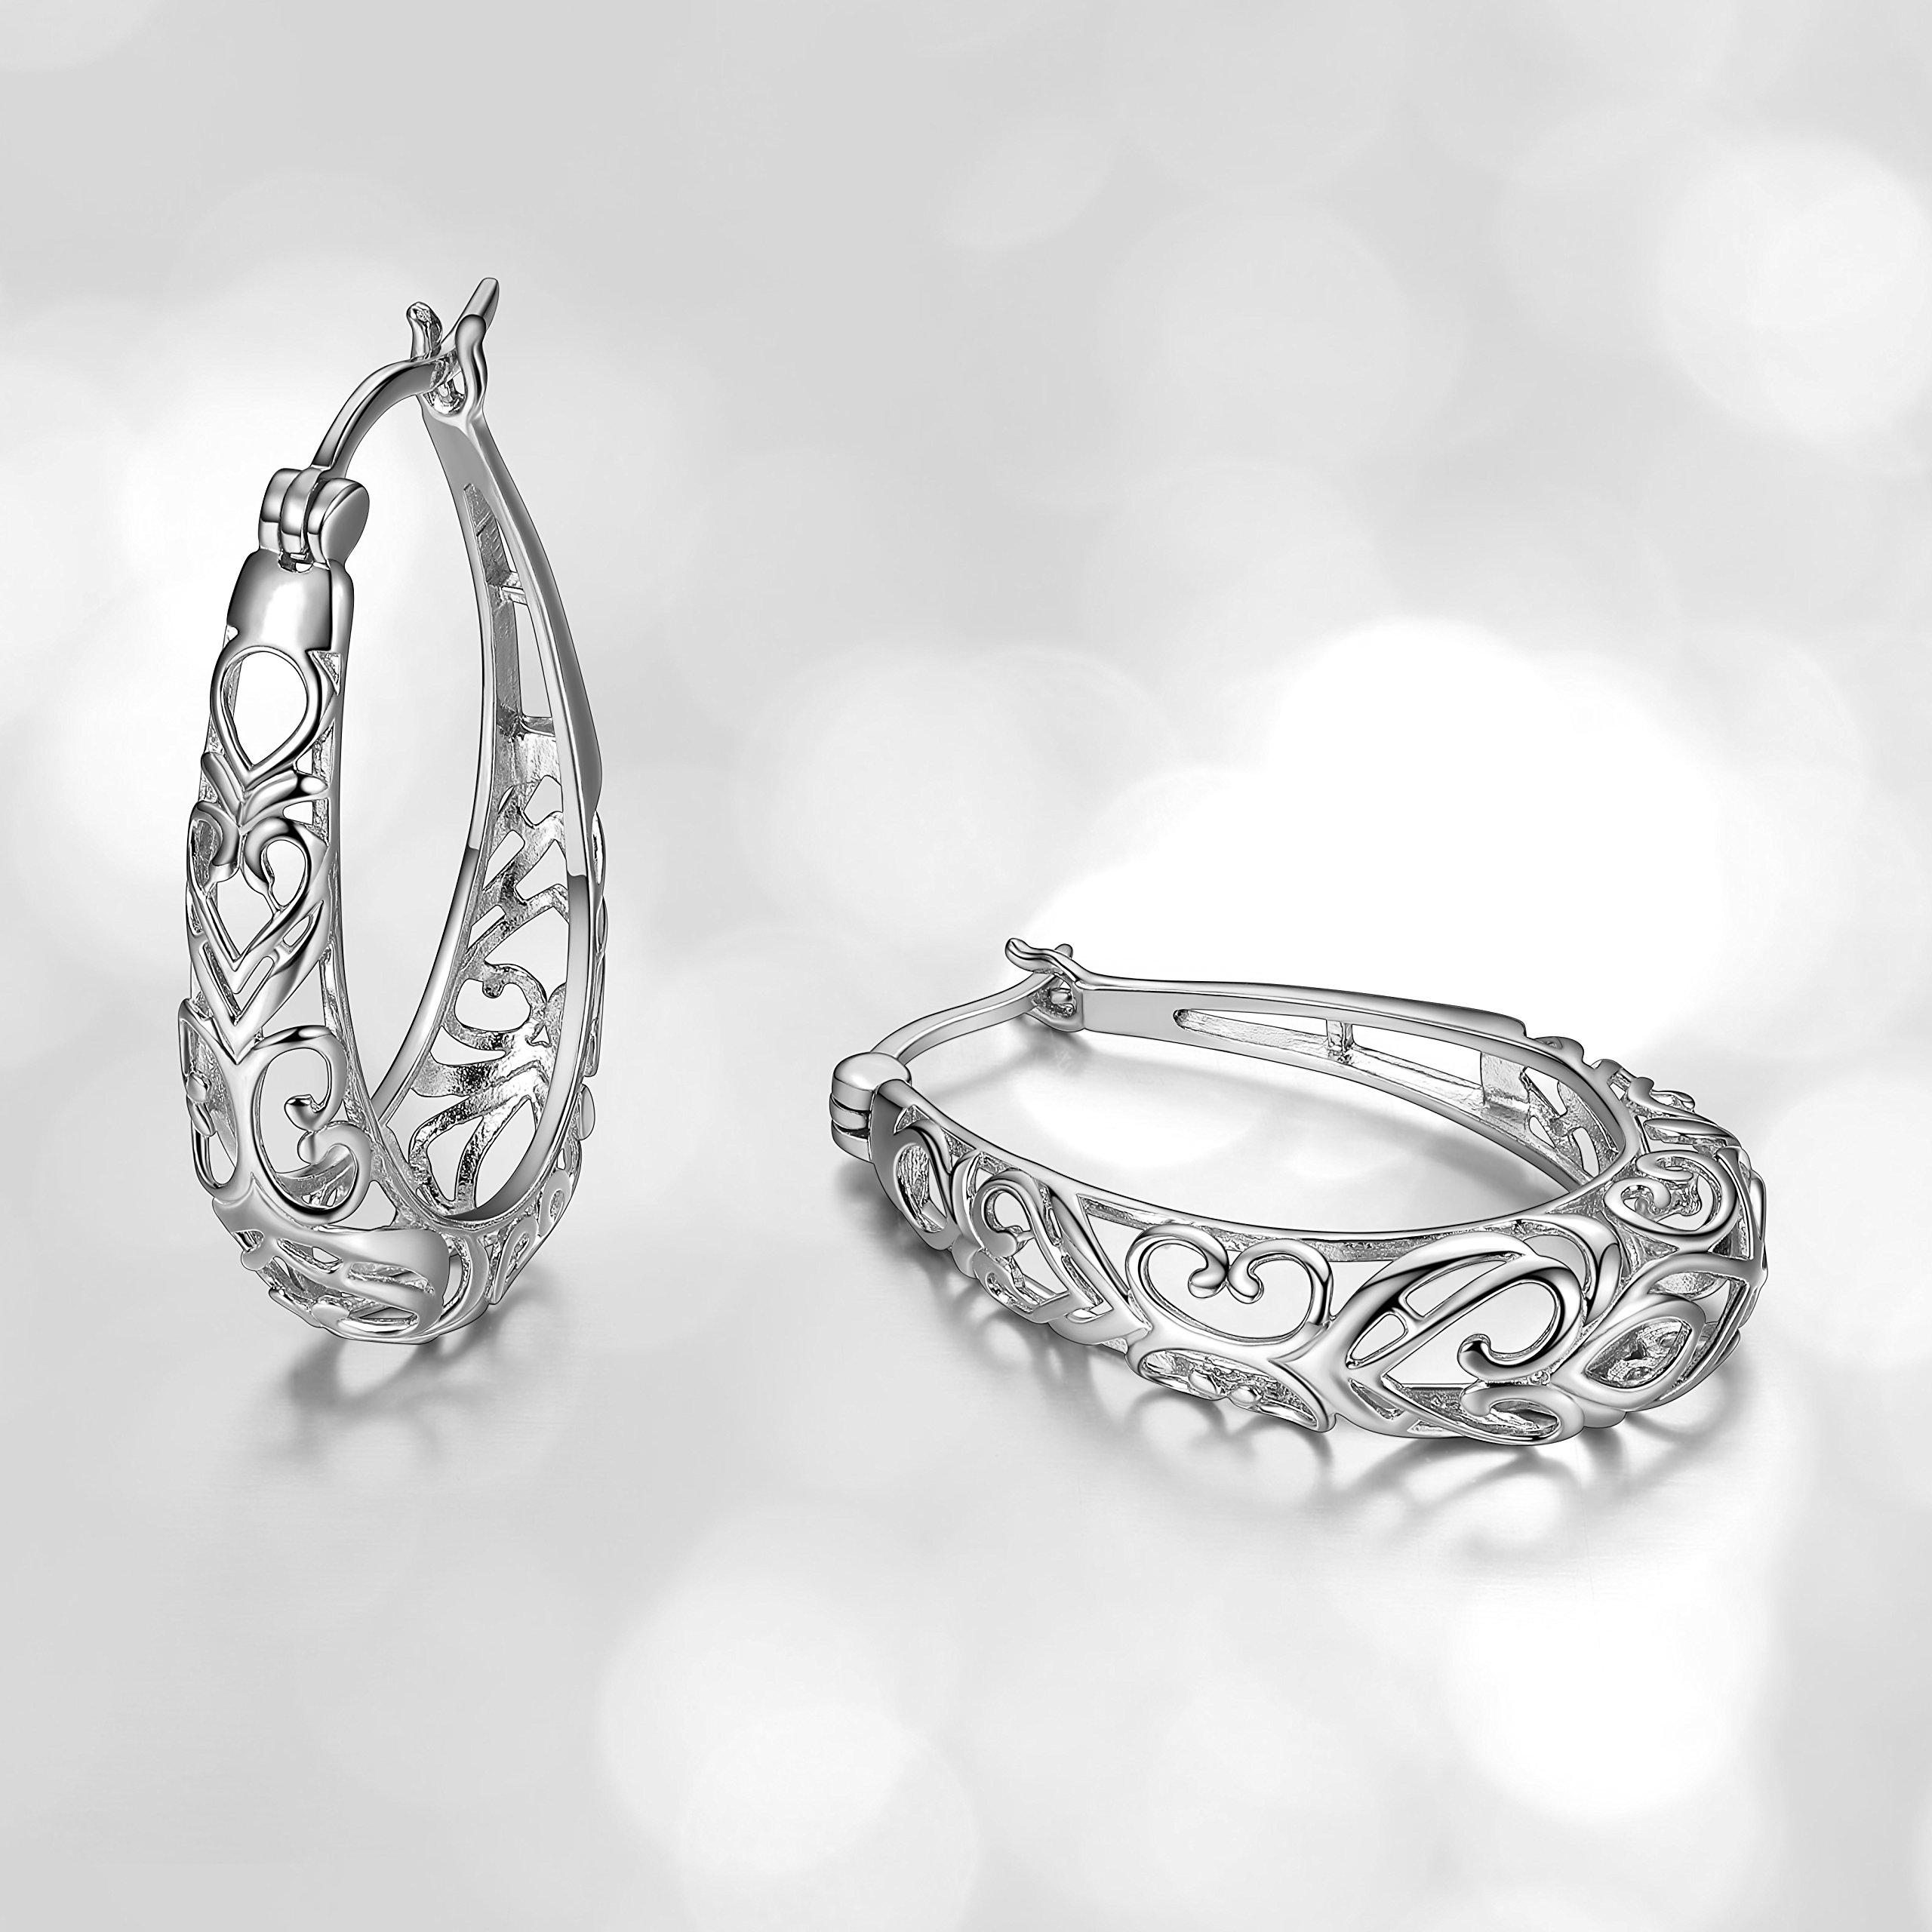 Sterling Silver Filigree Oval Hoop Earrings